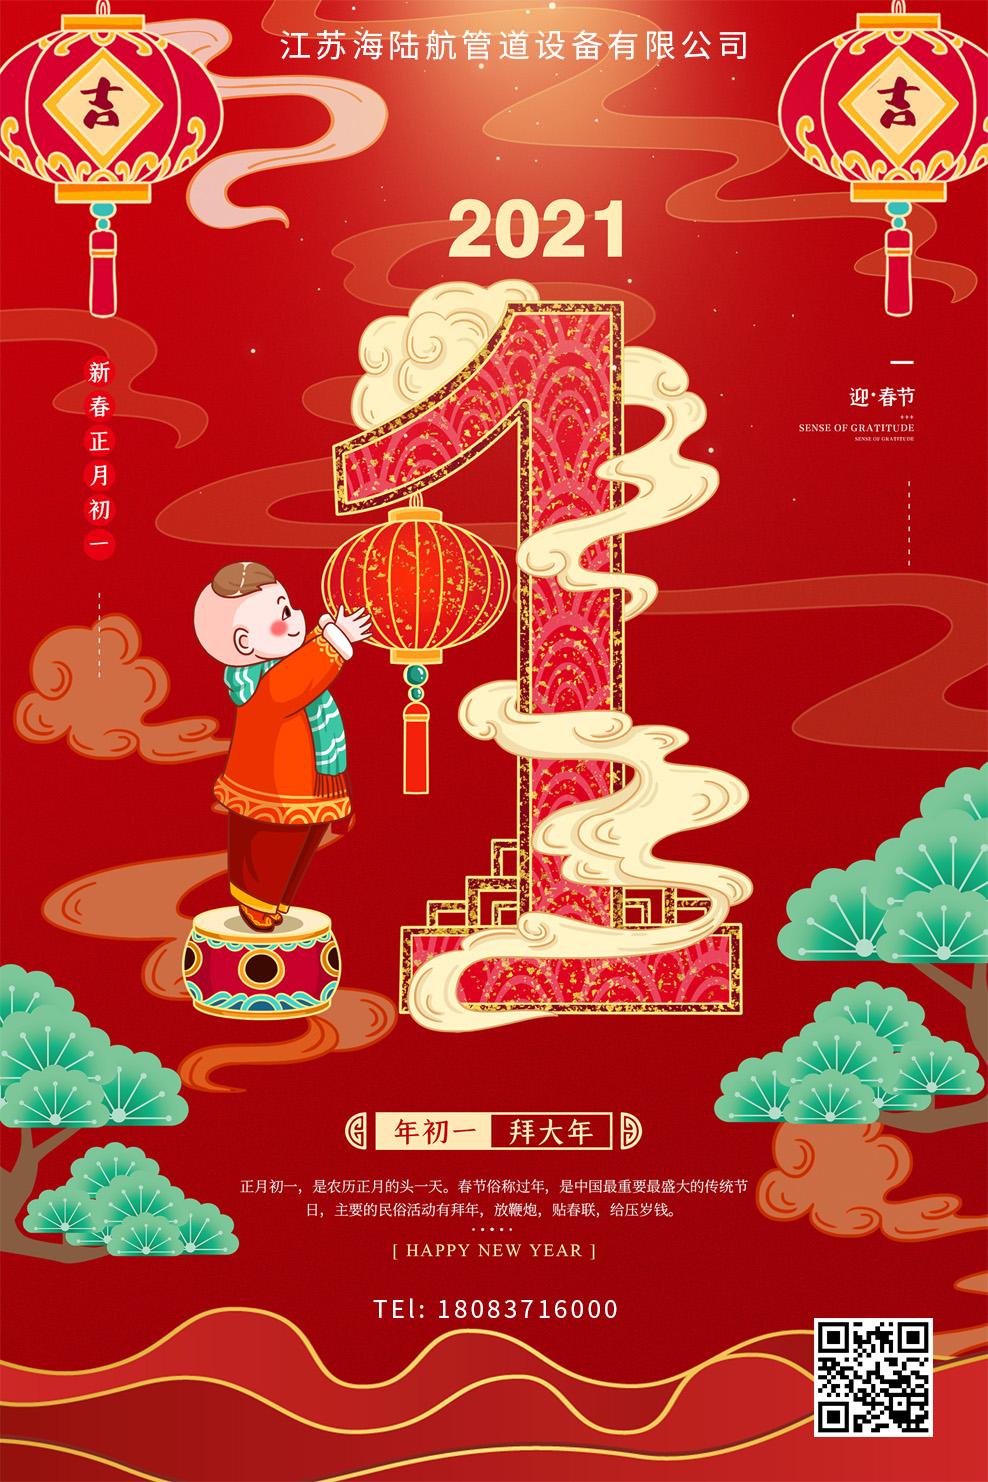 江苏海陆航管道设备提前祝大家新年快乐!